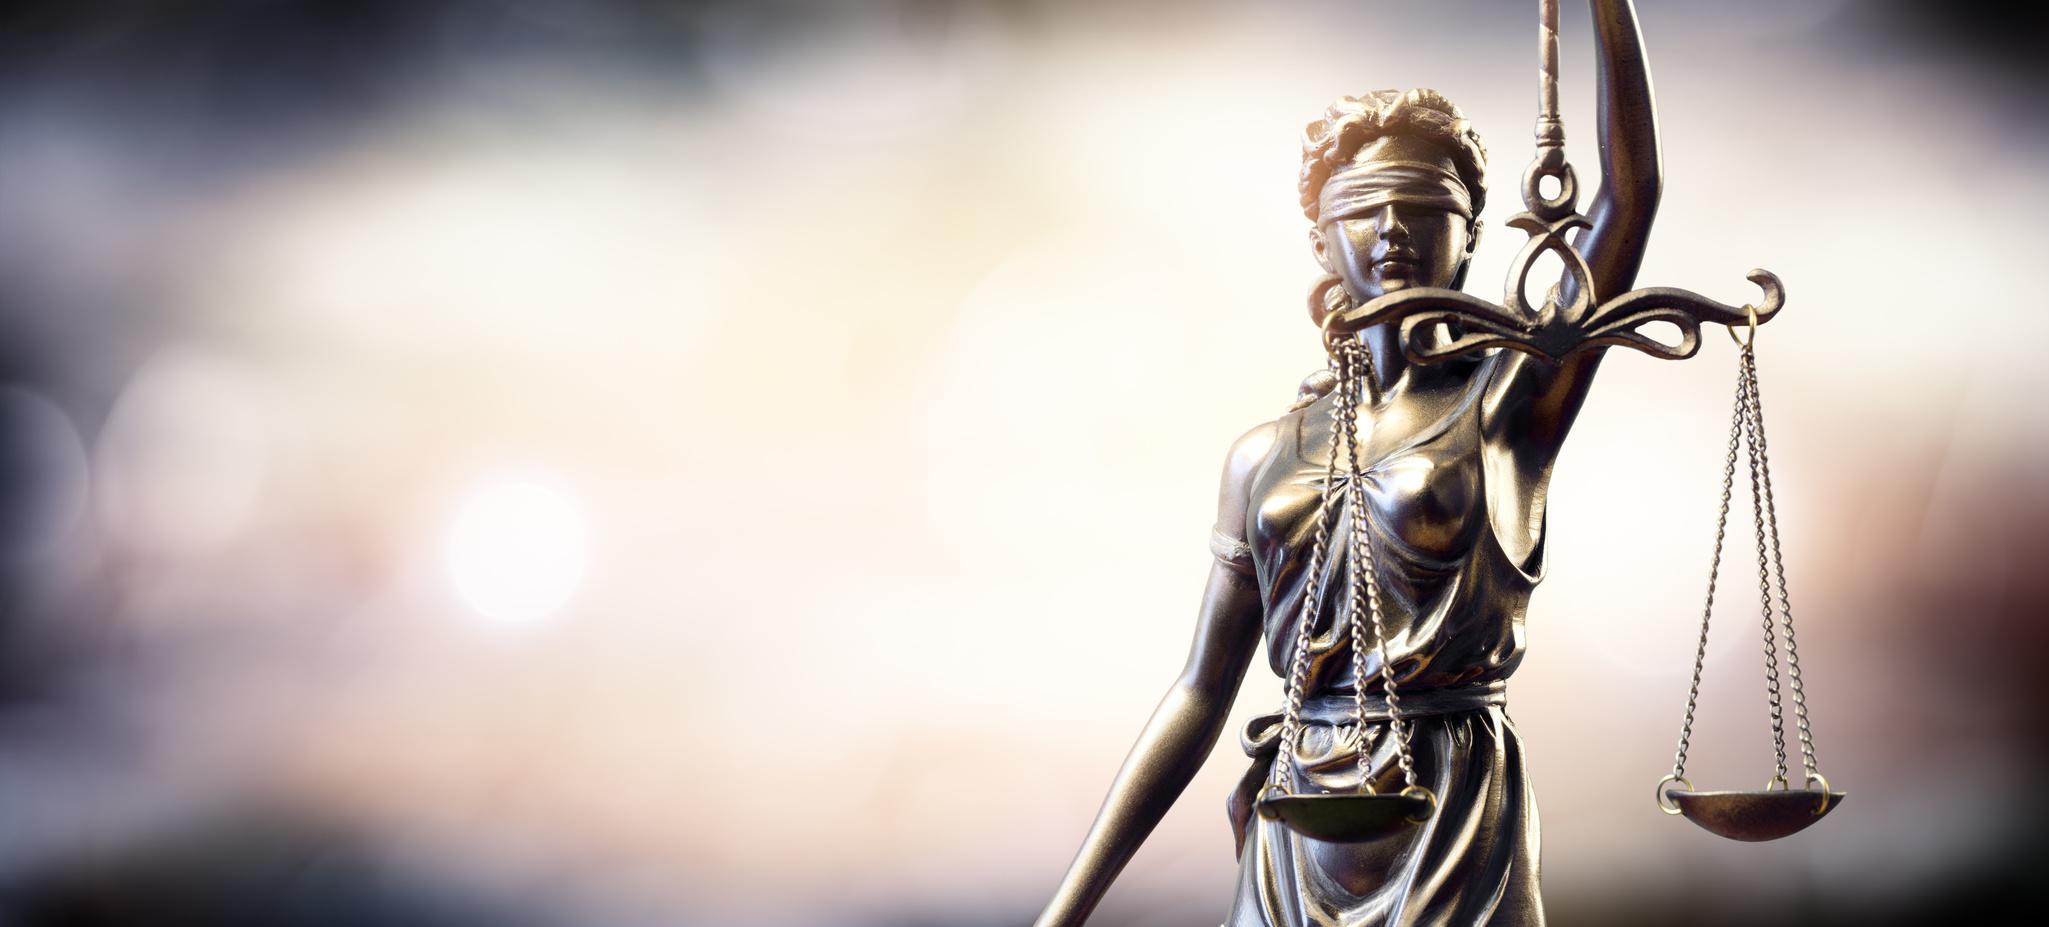 Tłumaczenia prawne i prawnicze   Summa Linguae Blog